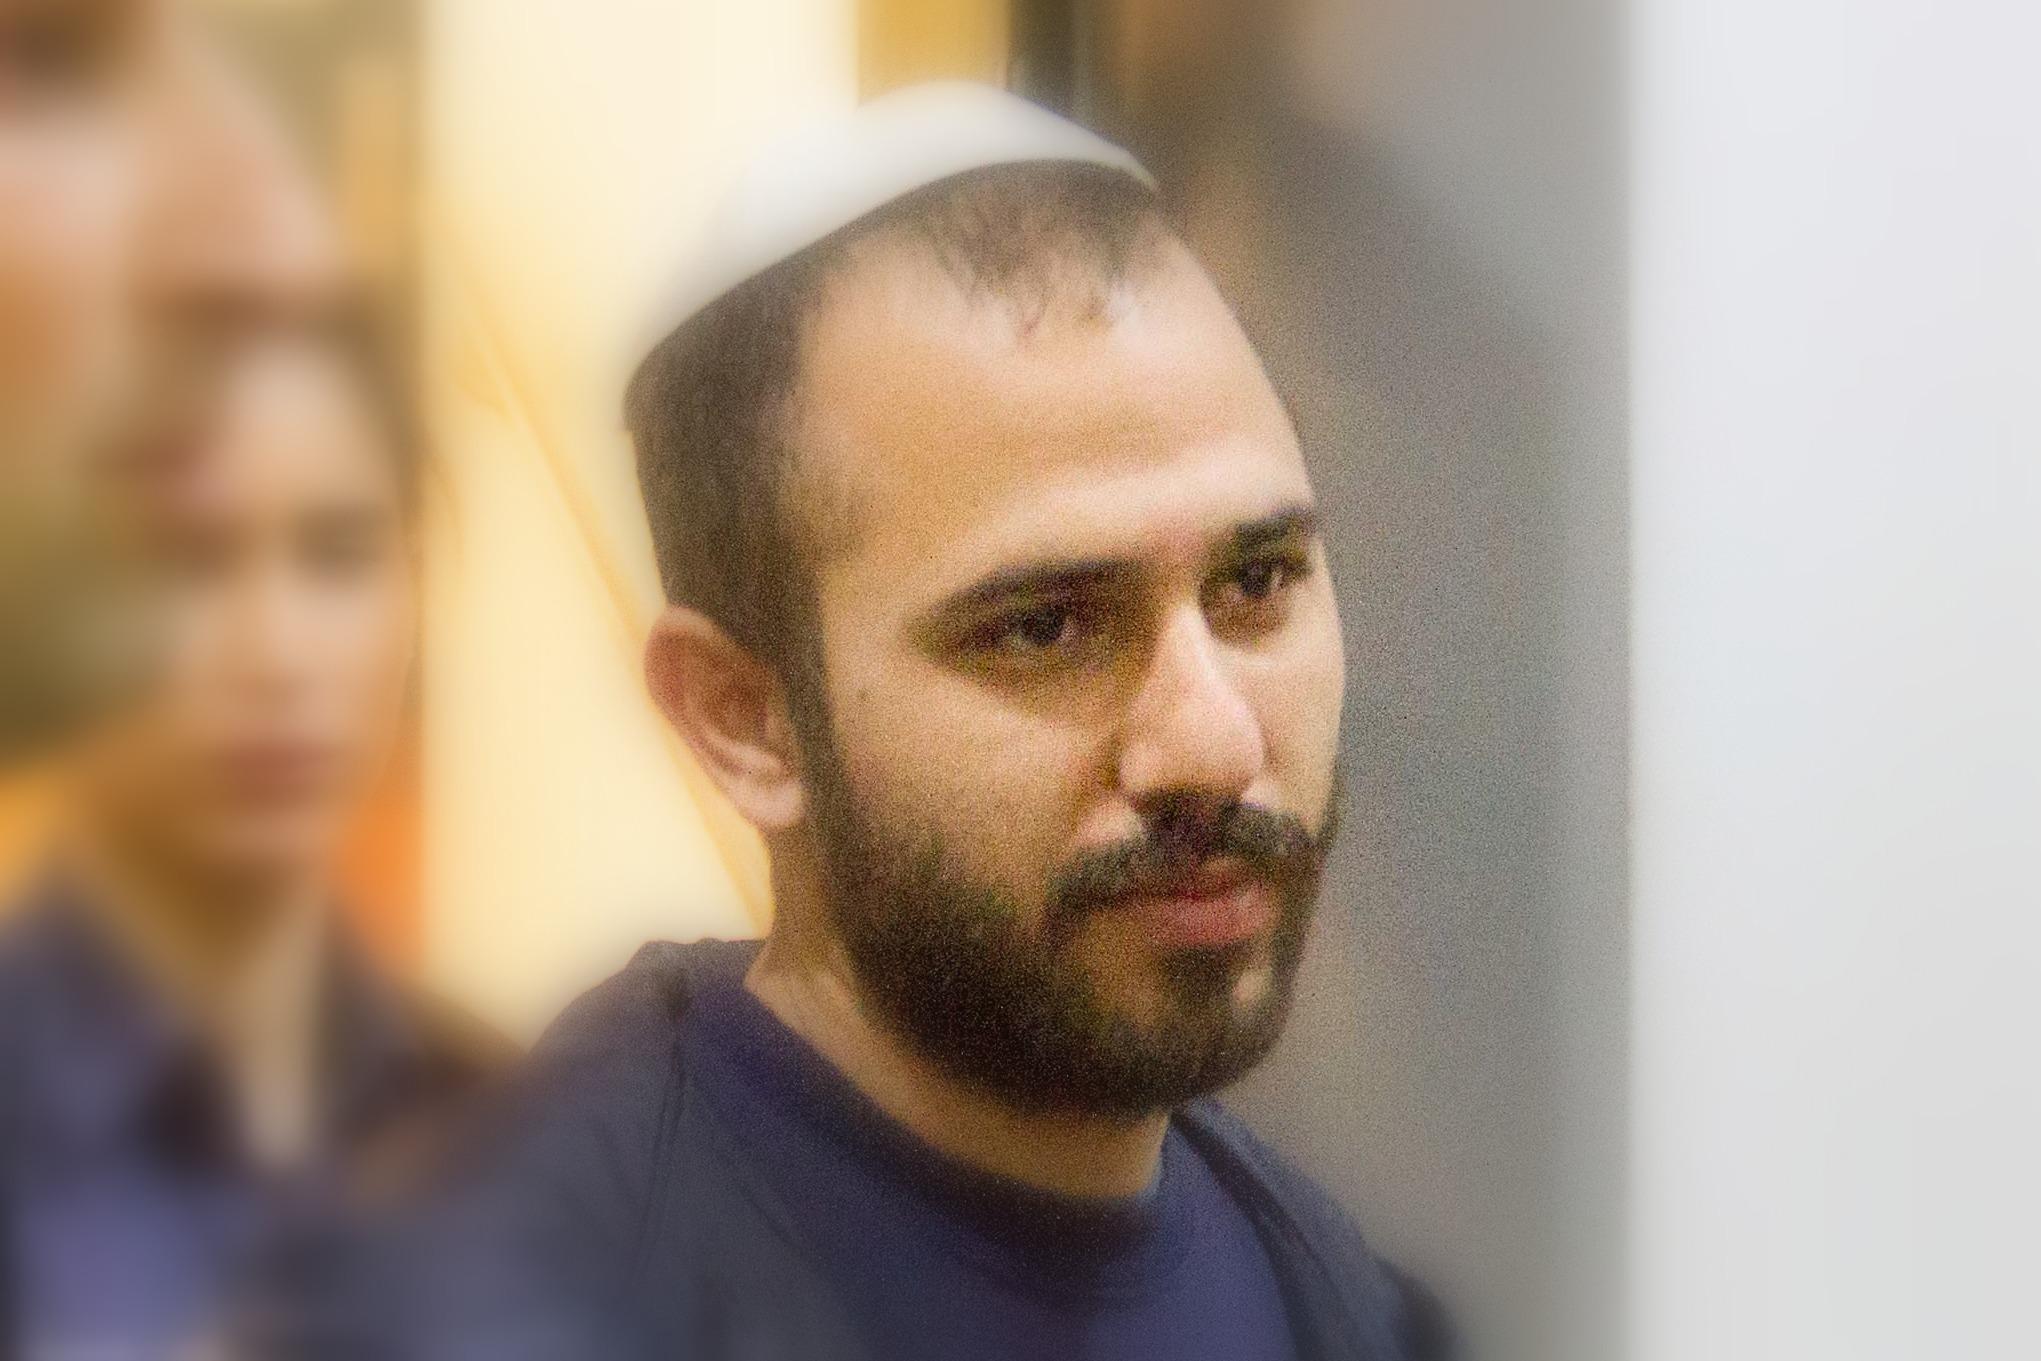 הרצח שזיעזע את המדינה: 4 מאסרי עולם